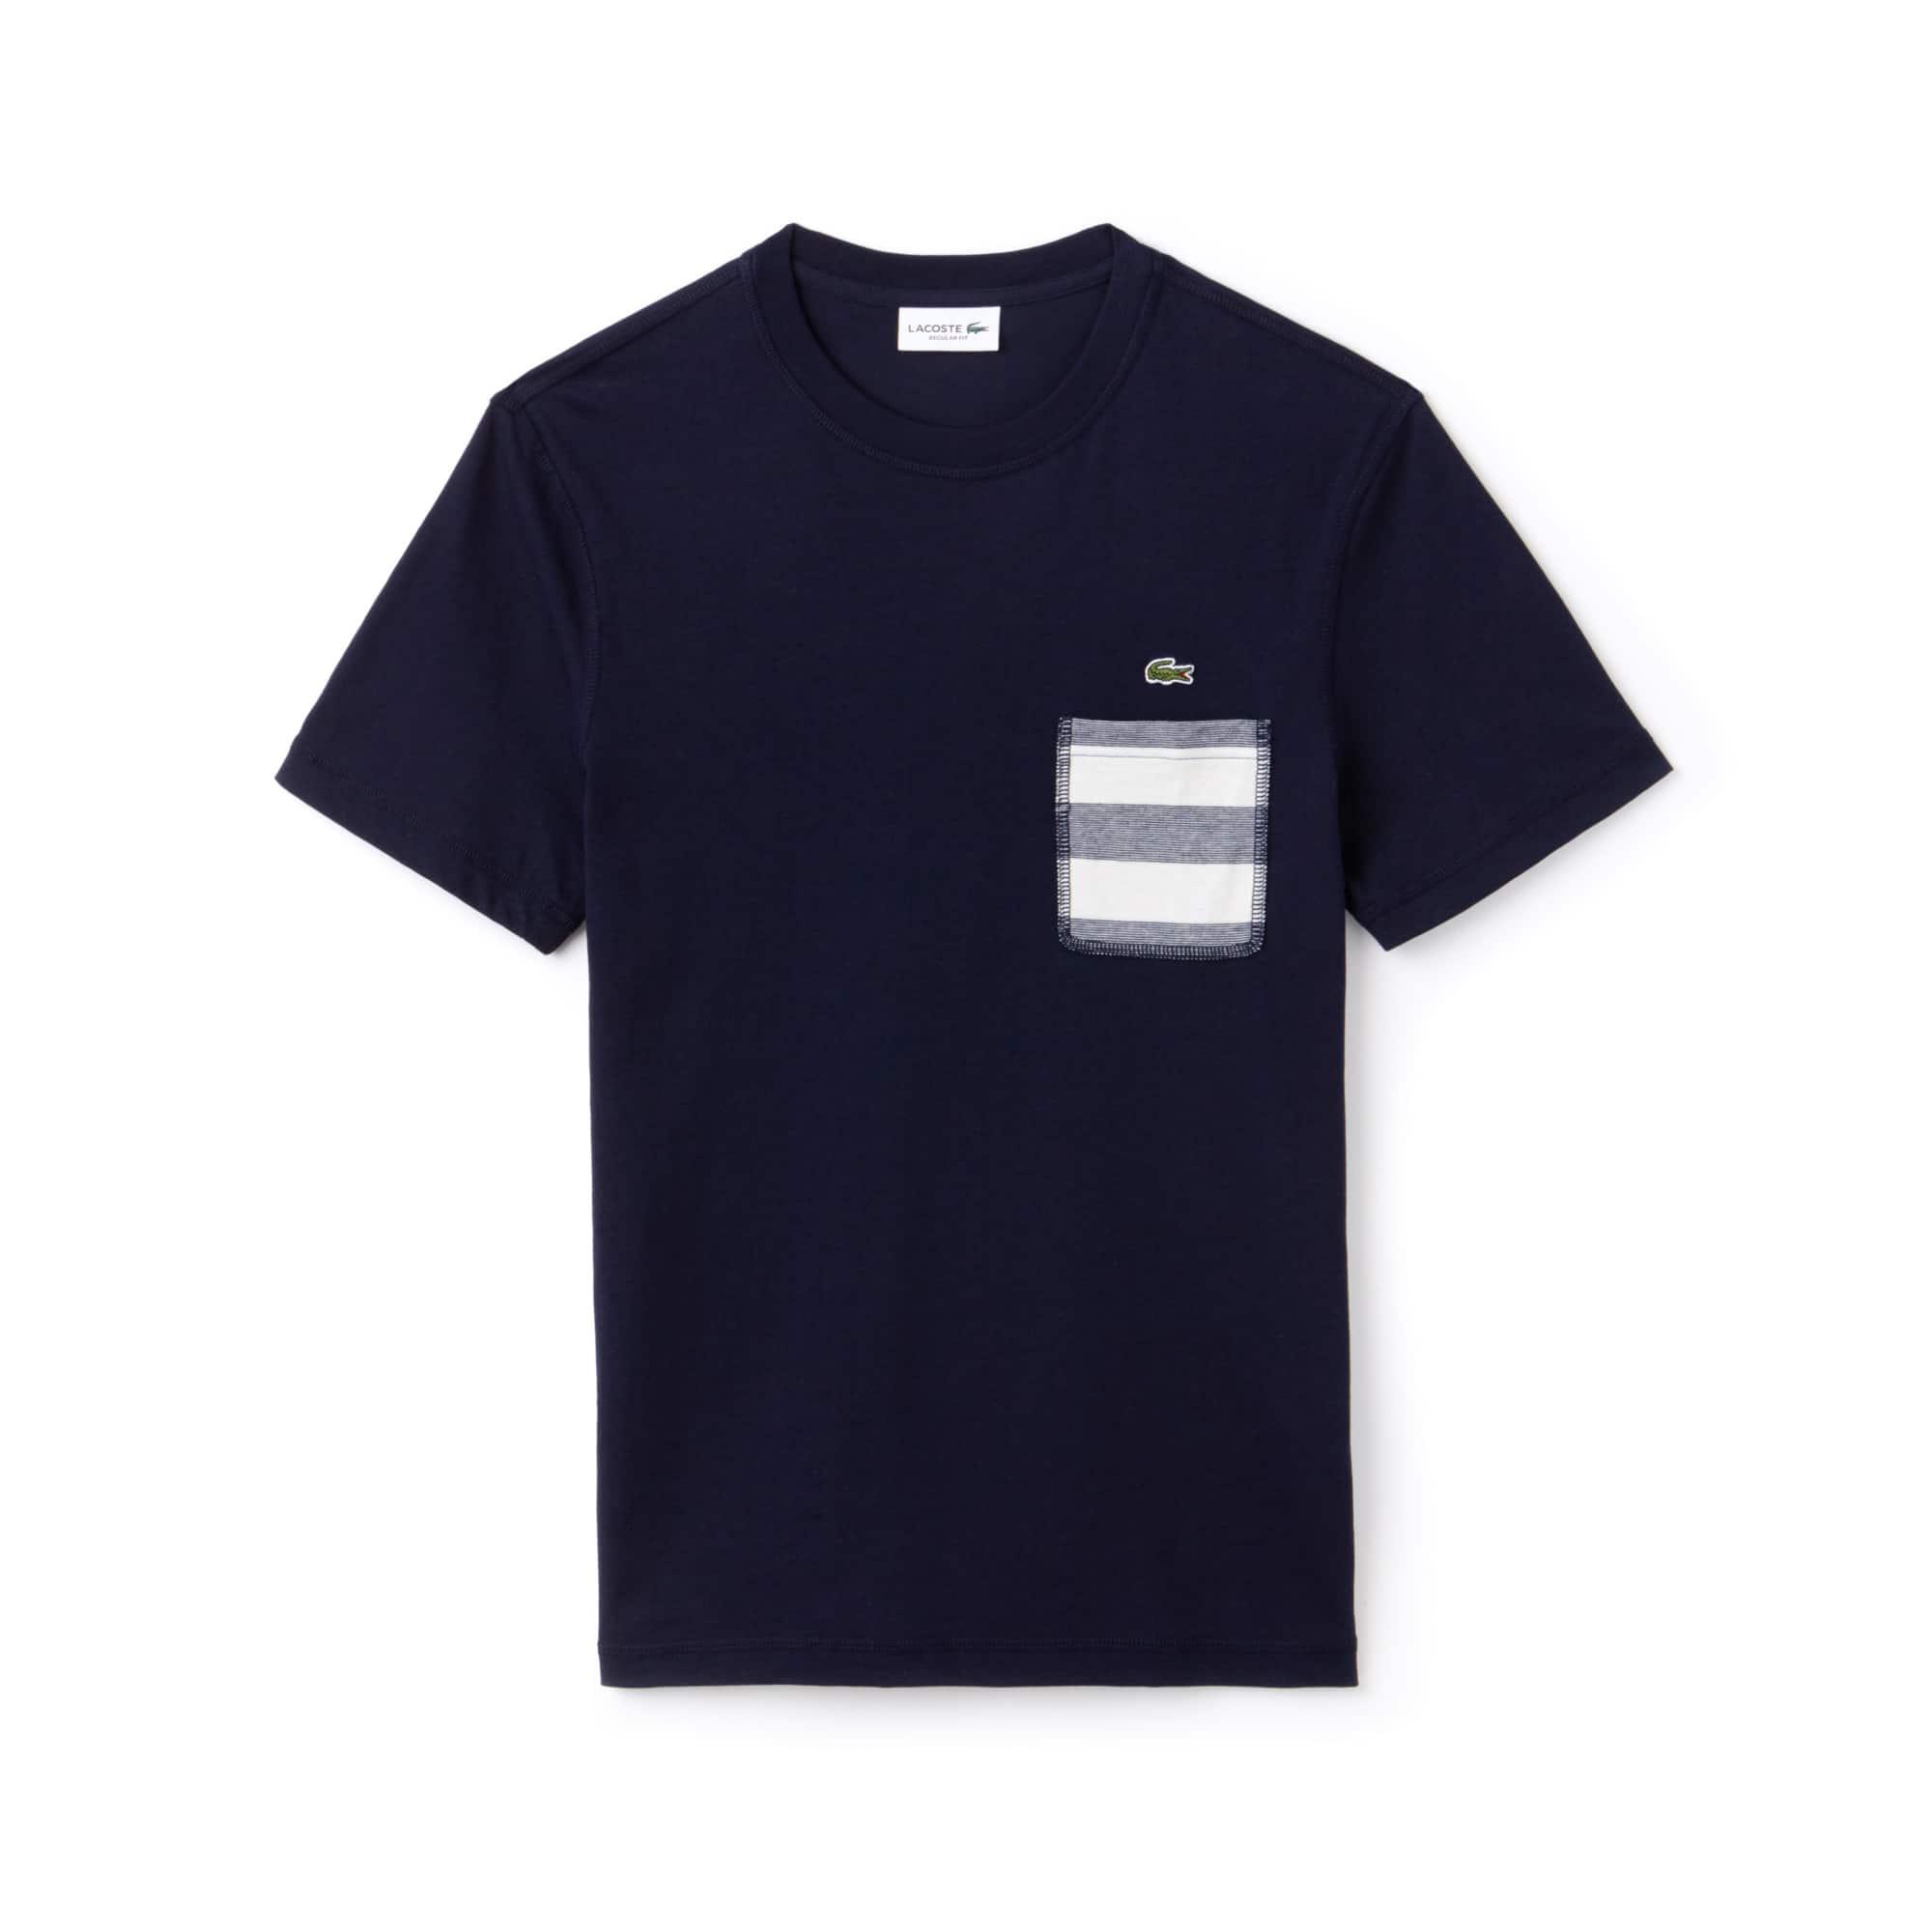 9ee5d0e3da253 Camiseta Masculina em Jérsei de Algodão com Gola Redonda e Bolso Listrado